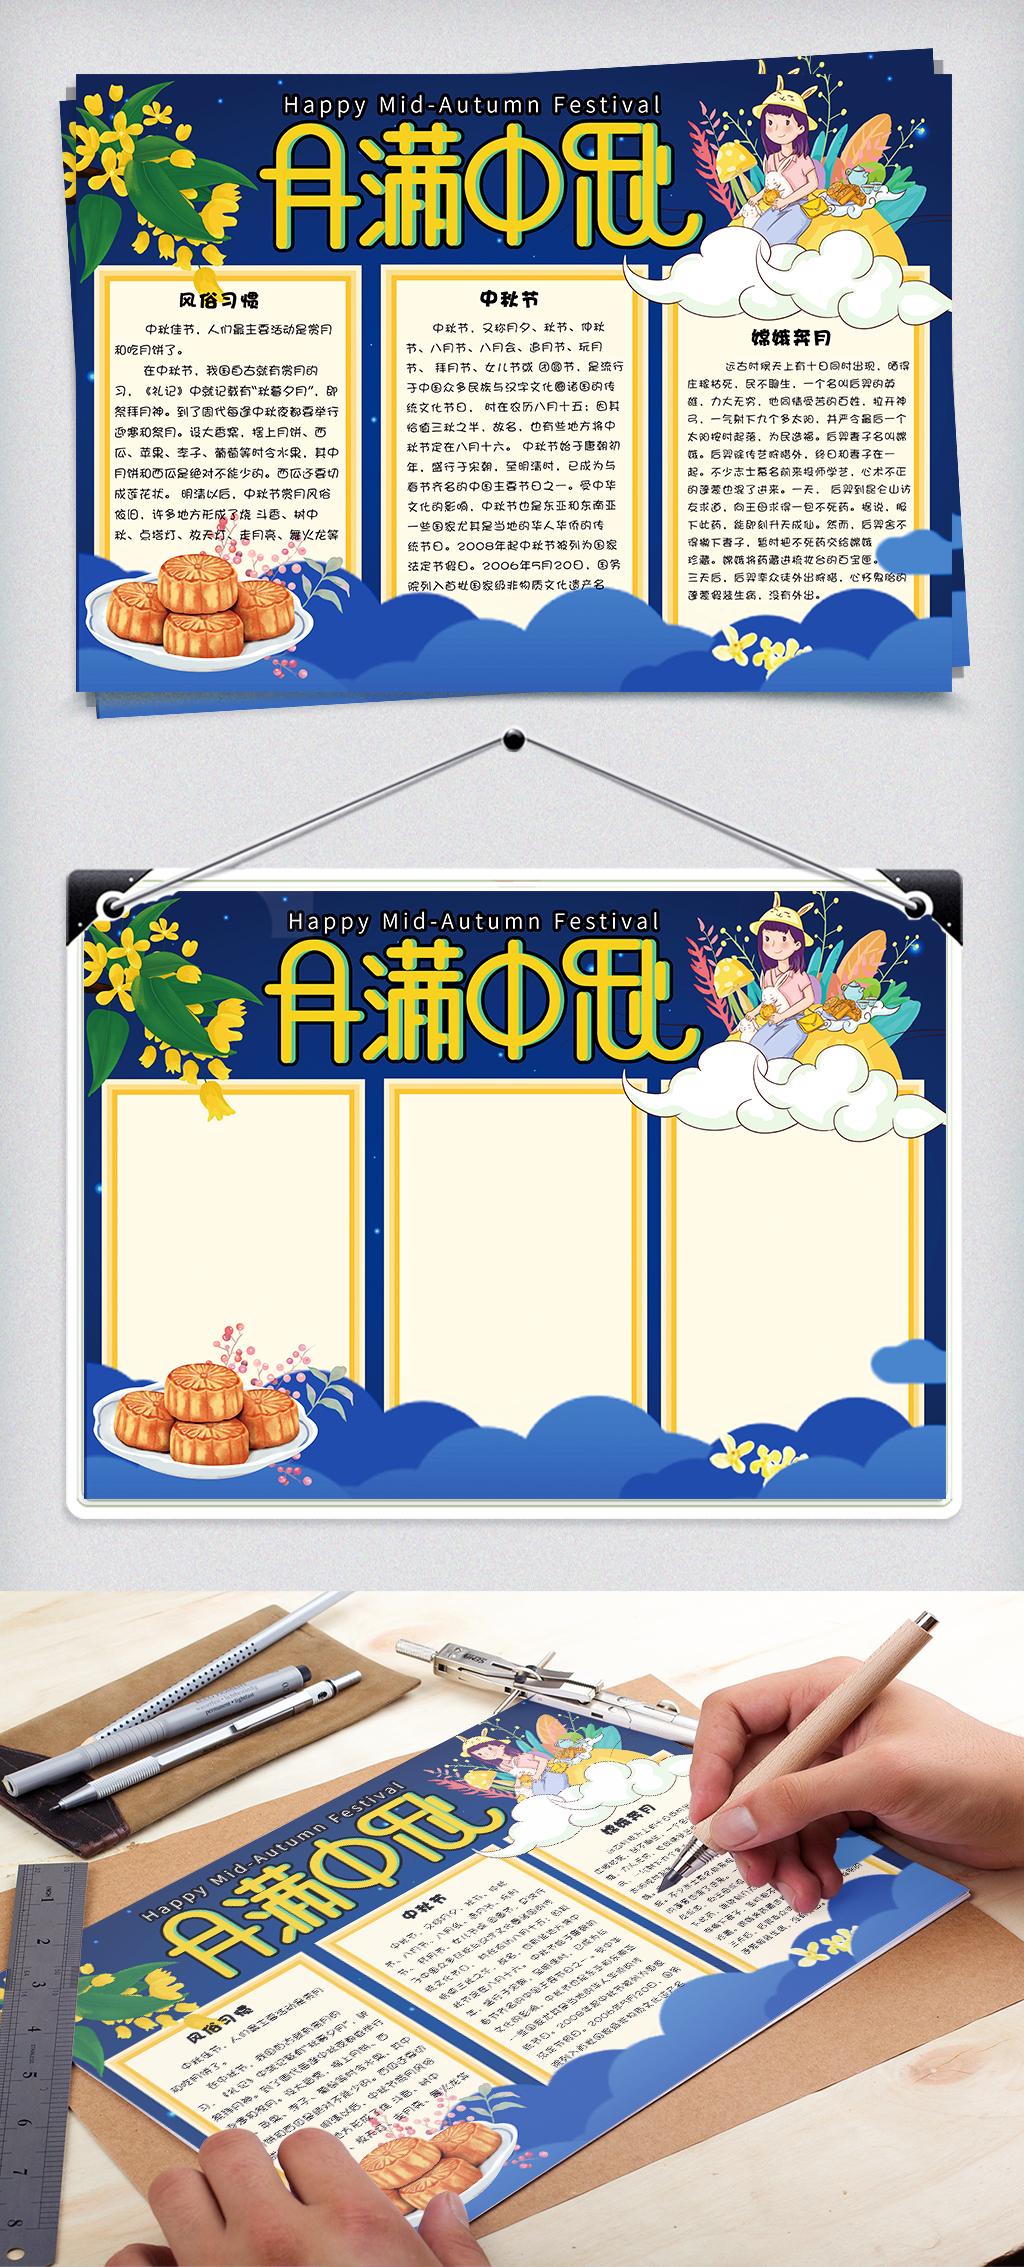 卡通手绘月满中秋节日小报手抄报电子模板